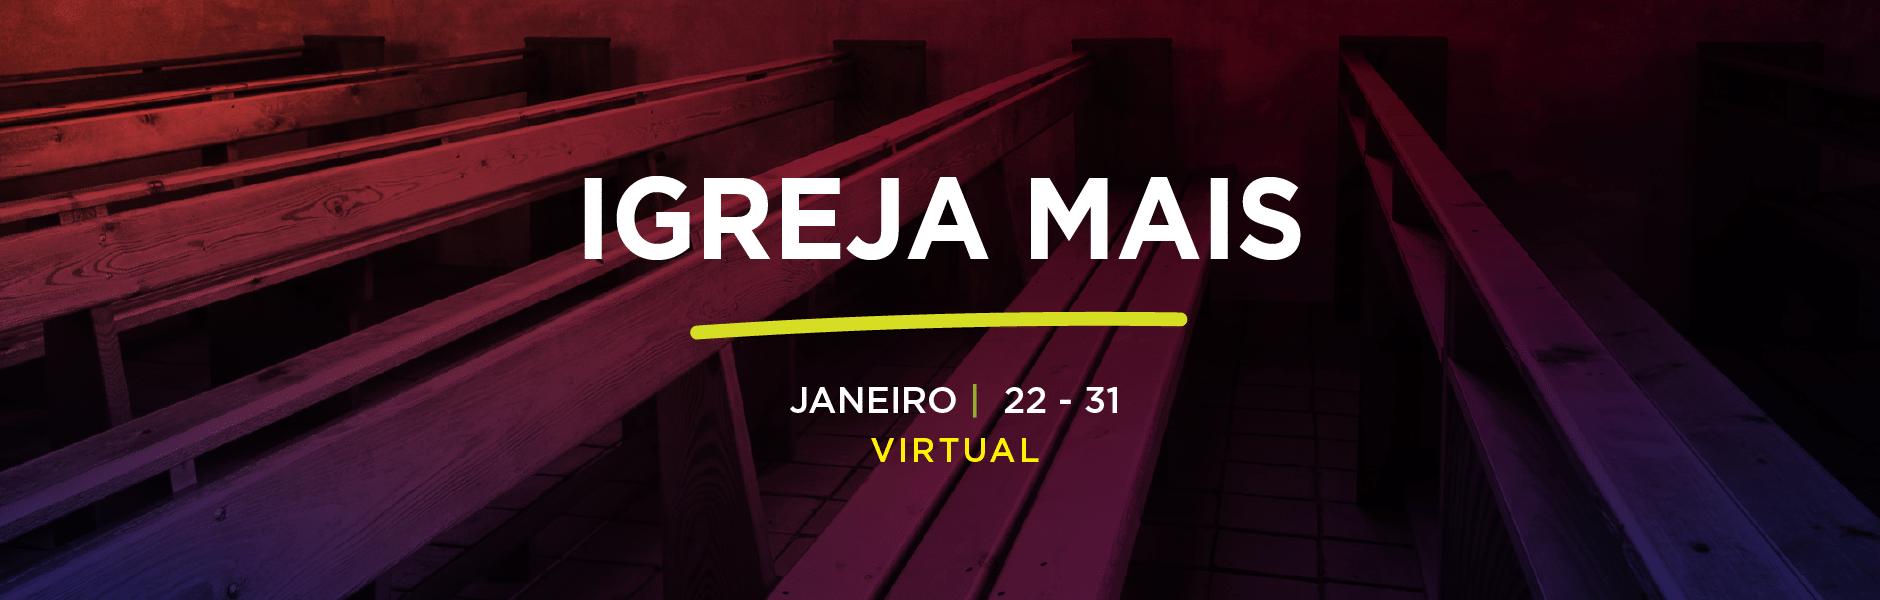 IGREJA MAIS – Curso Virtual de 22 a 31 de Janeiro de 2021